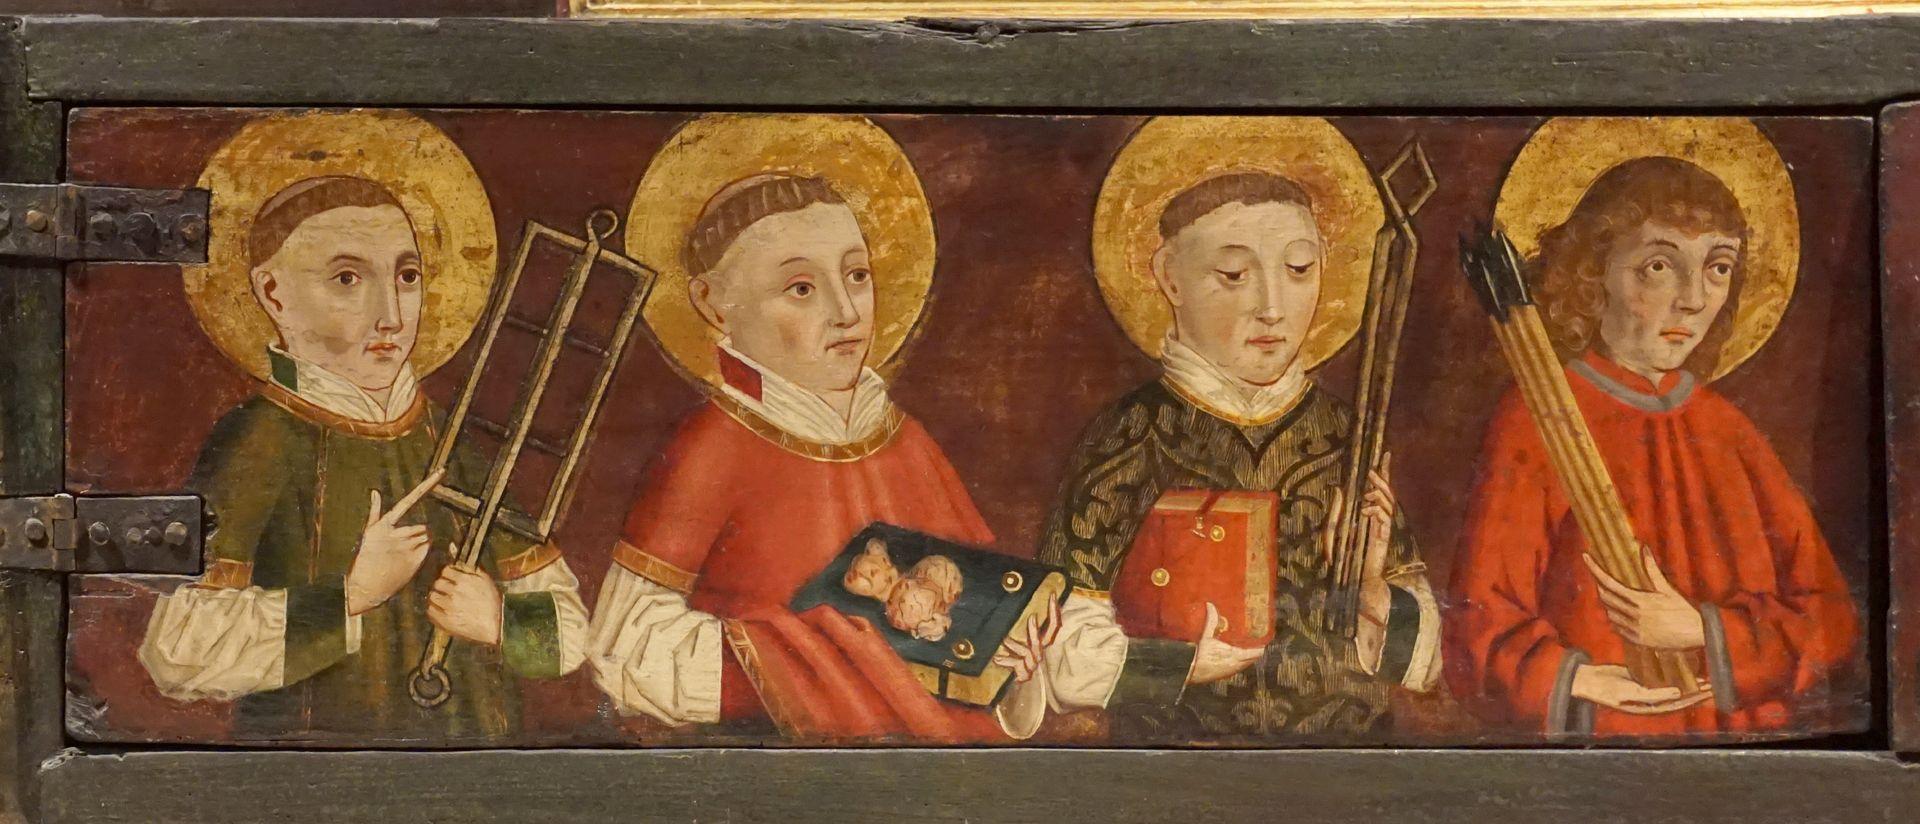 Krell-Altar linke Predellahälfte mit den Heiligen: Laurentius, Stephanus, Vincentius und Sebastian